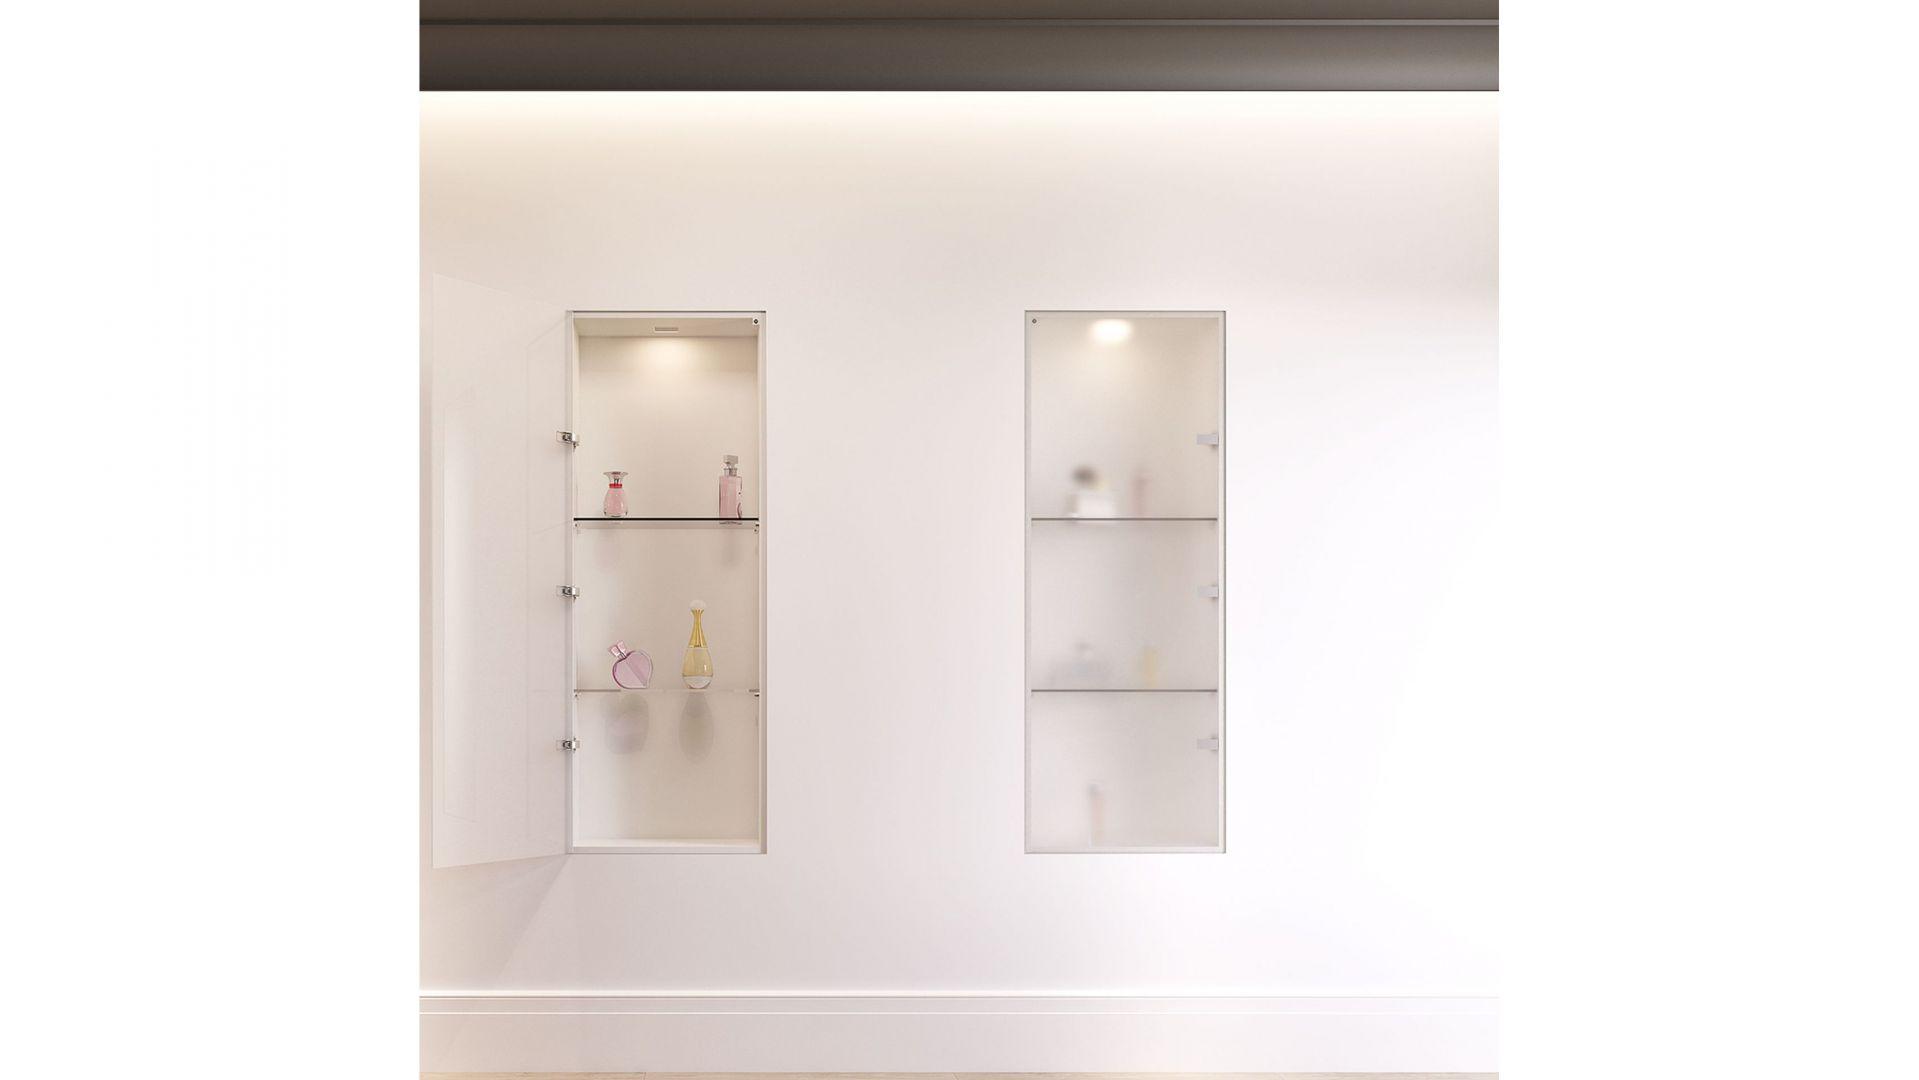 Ukryta ościeżnica szafkowa Sara Mini Plus/Leon Witas. Produkt zgłoszony do konkursu Dobry Design 2020.